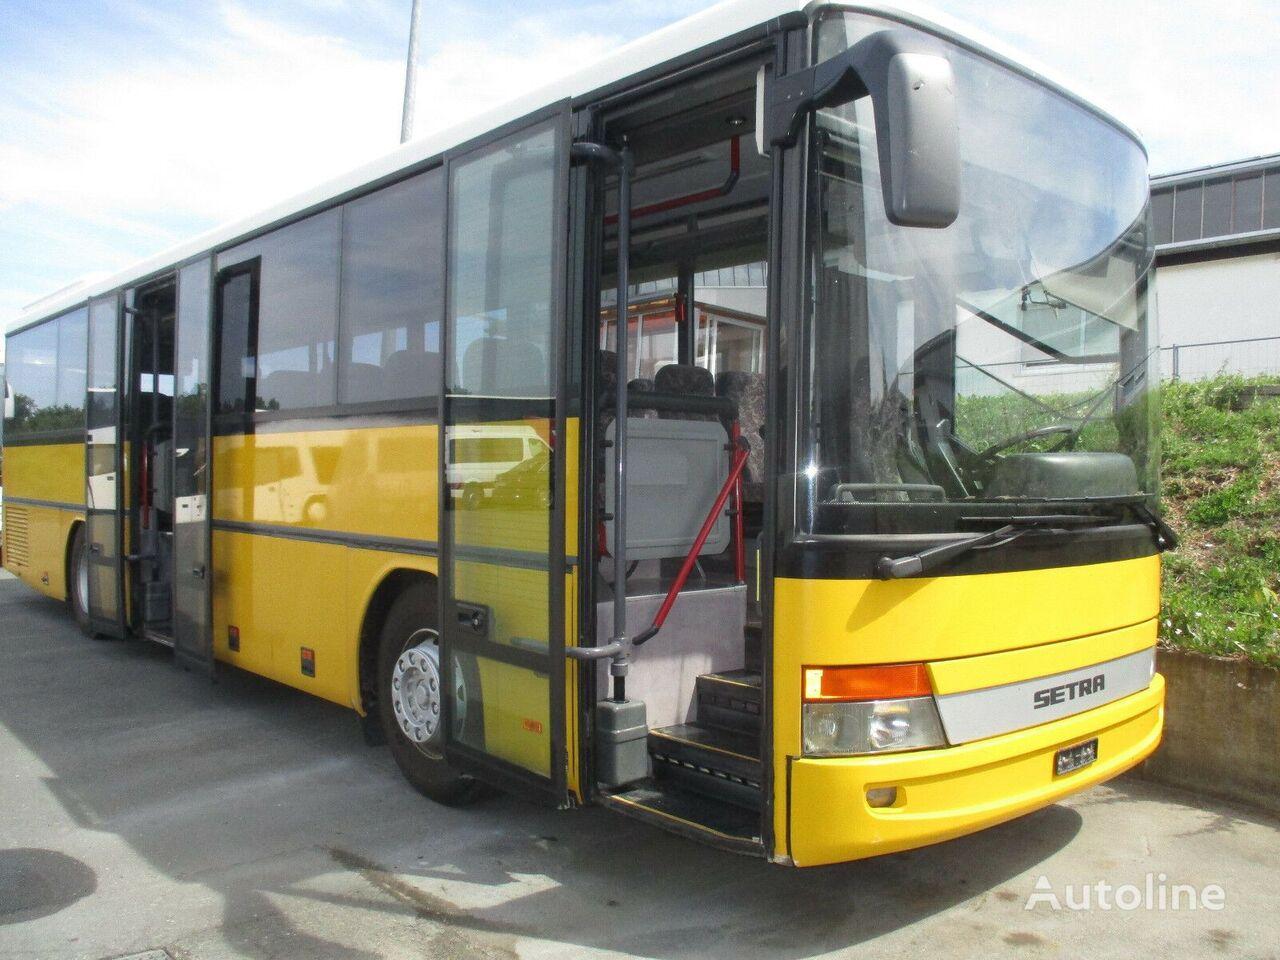 městský autobus SETRA S 313 UL (Klima / grüne Plakette)